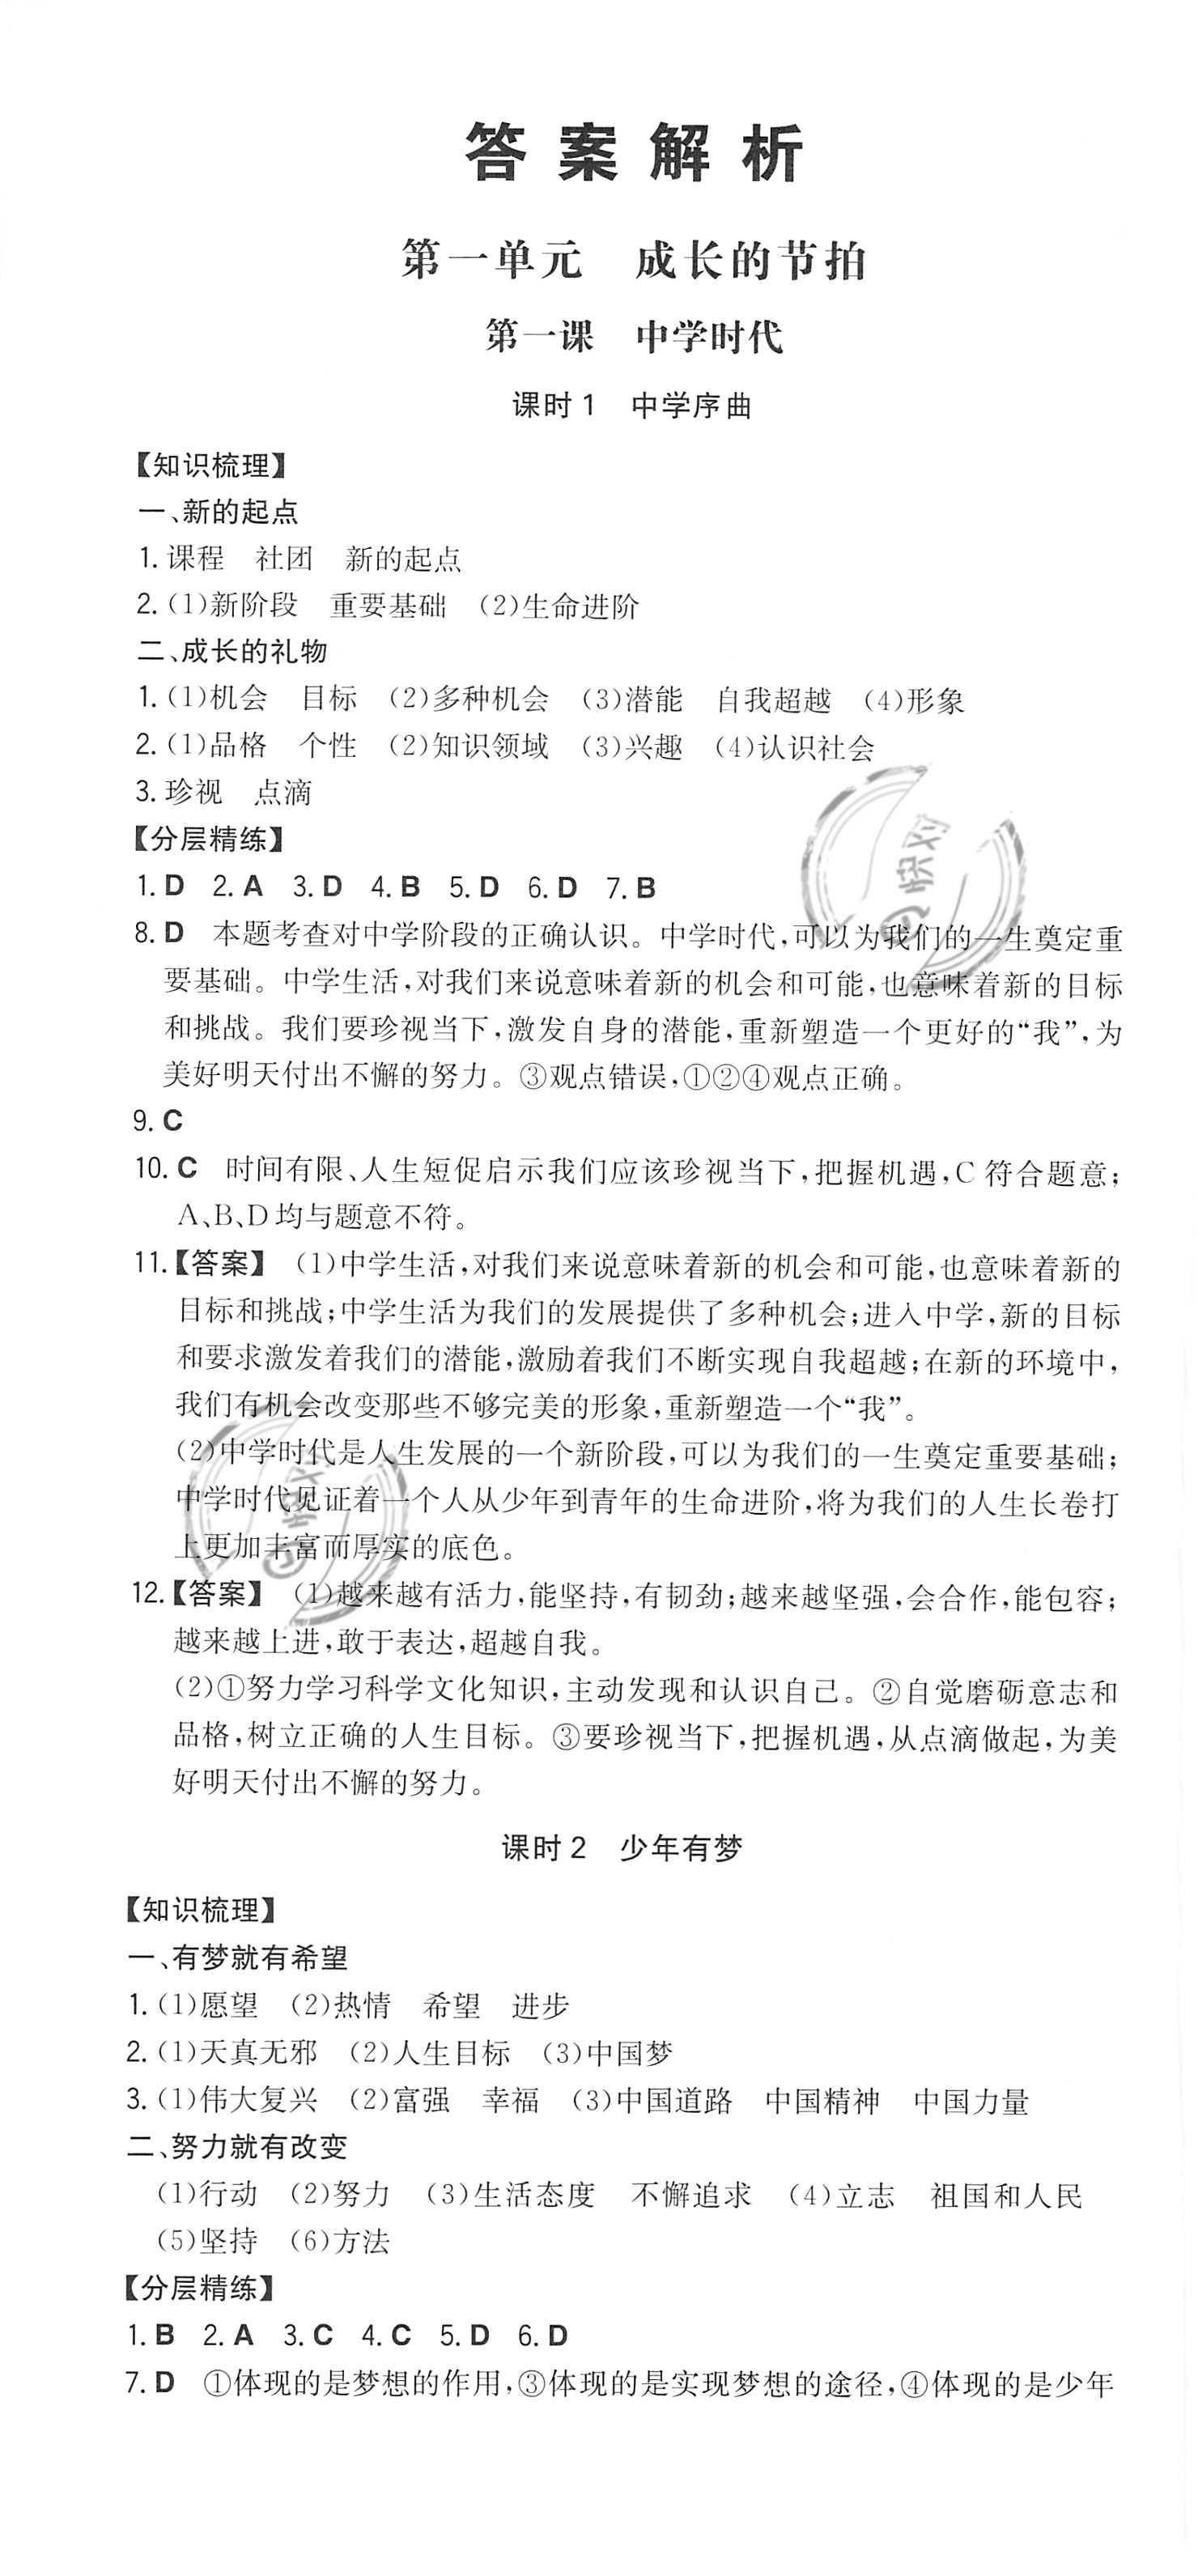 2021年一本同步训练(道德与法治)(安徽专版)七年级政治上册人教版